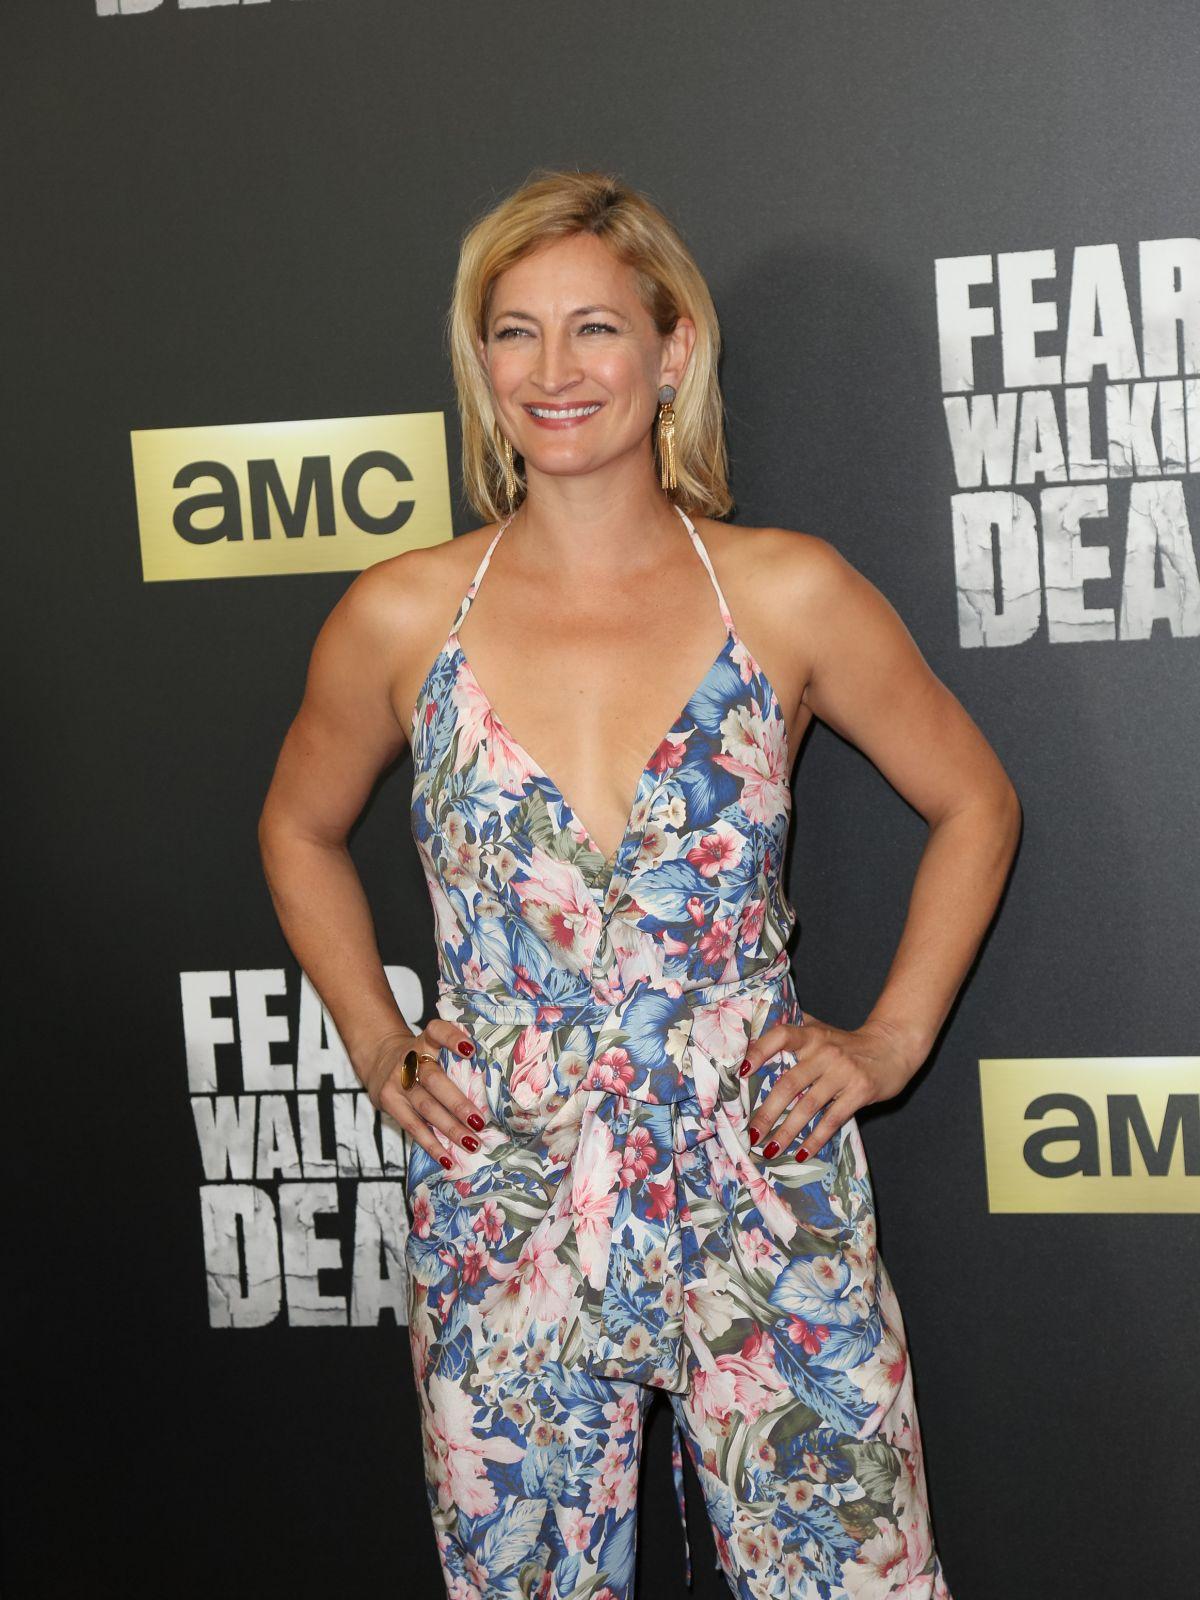 ZOE BELL at 'Fear the Walking Dead' Season 2 Premiere in Los Angeles 03/29/2016